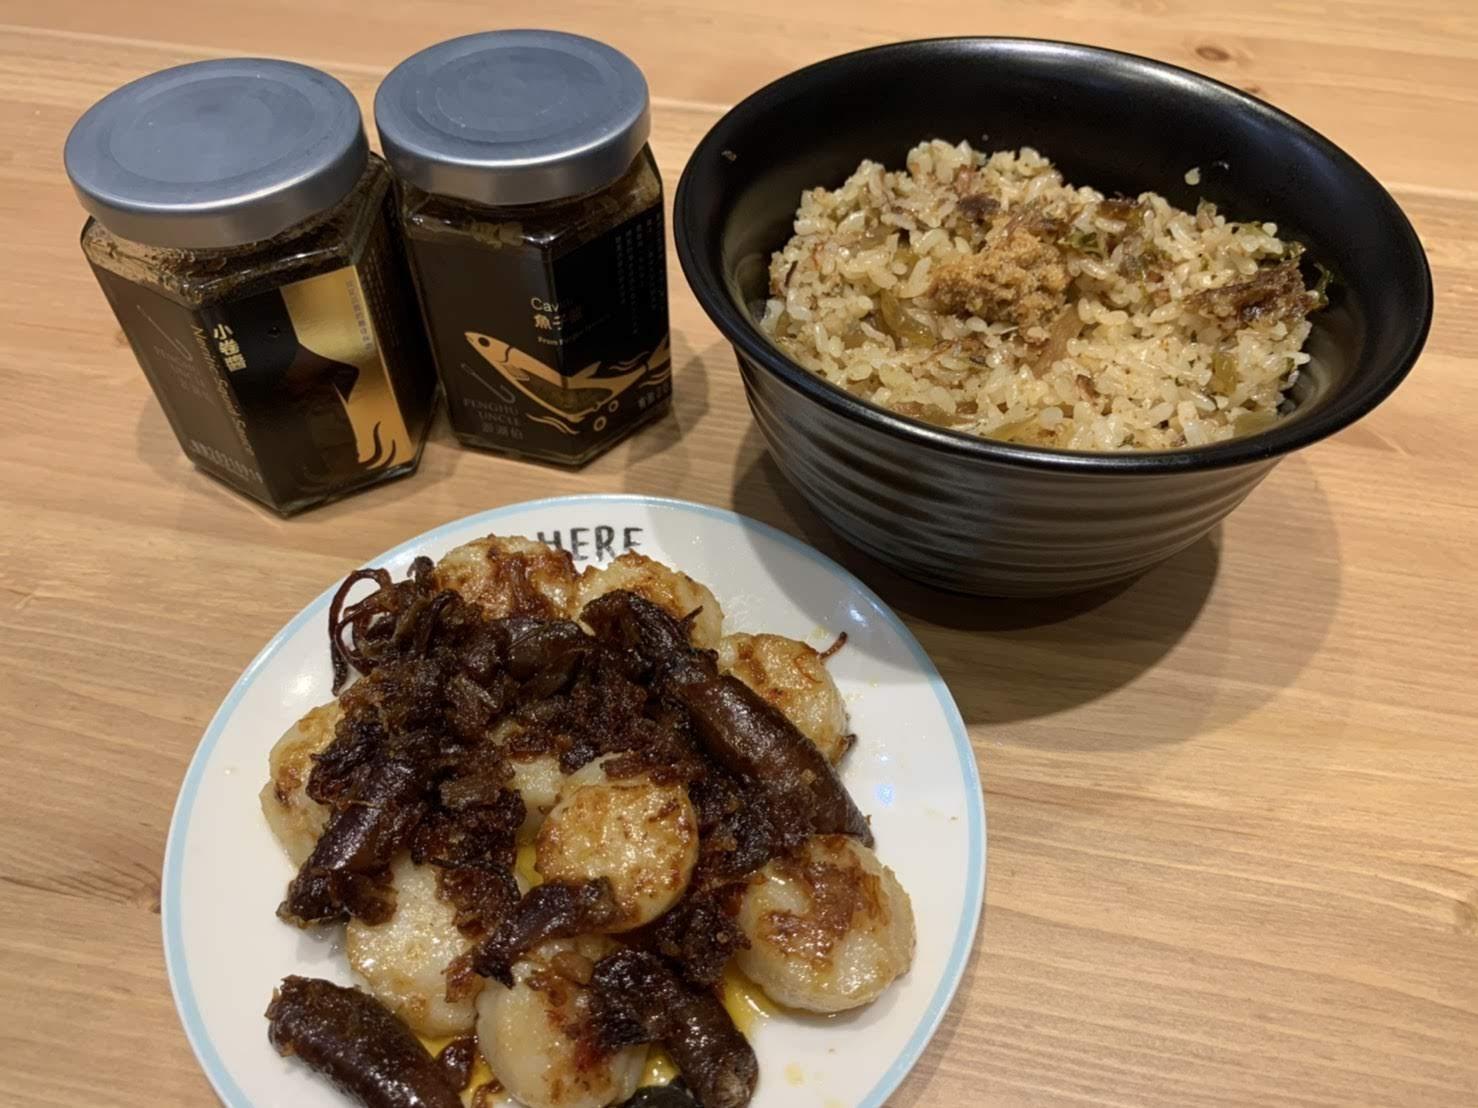 簡單做出美味料理!「澎湖伯海鮮醬料」攜帶方便~隨時隨地秀一手好菜 @秤瓶樂遊遊